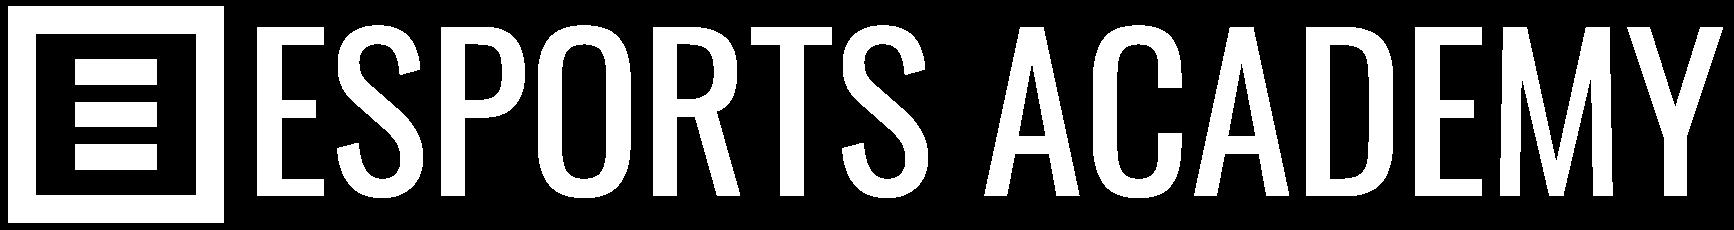 EsportAcademy_Logo_W_R.png